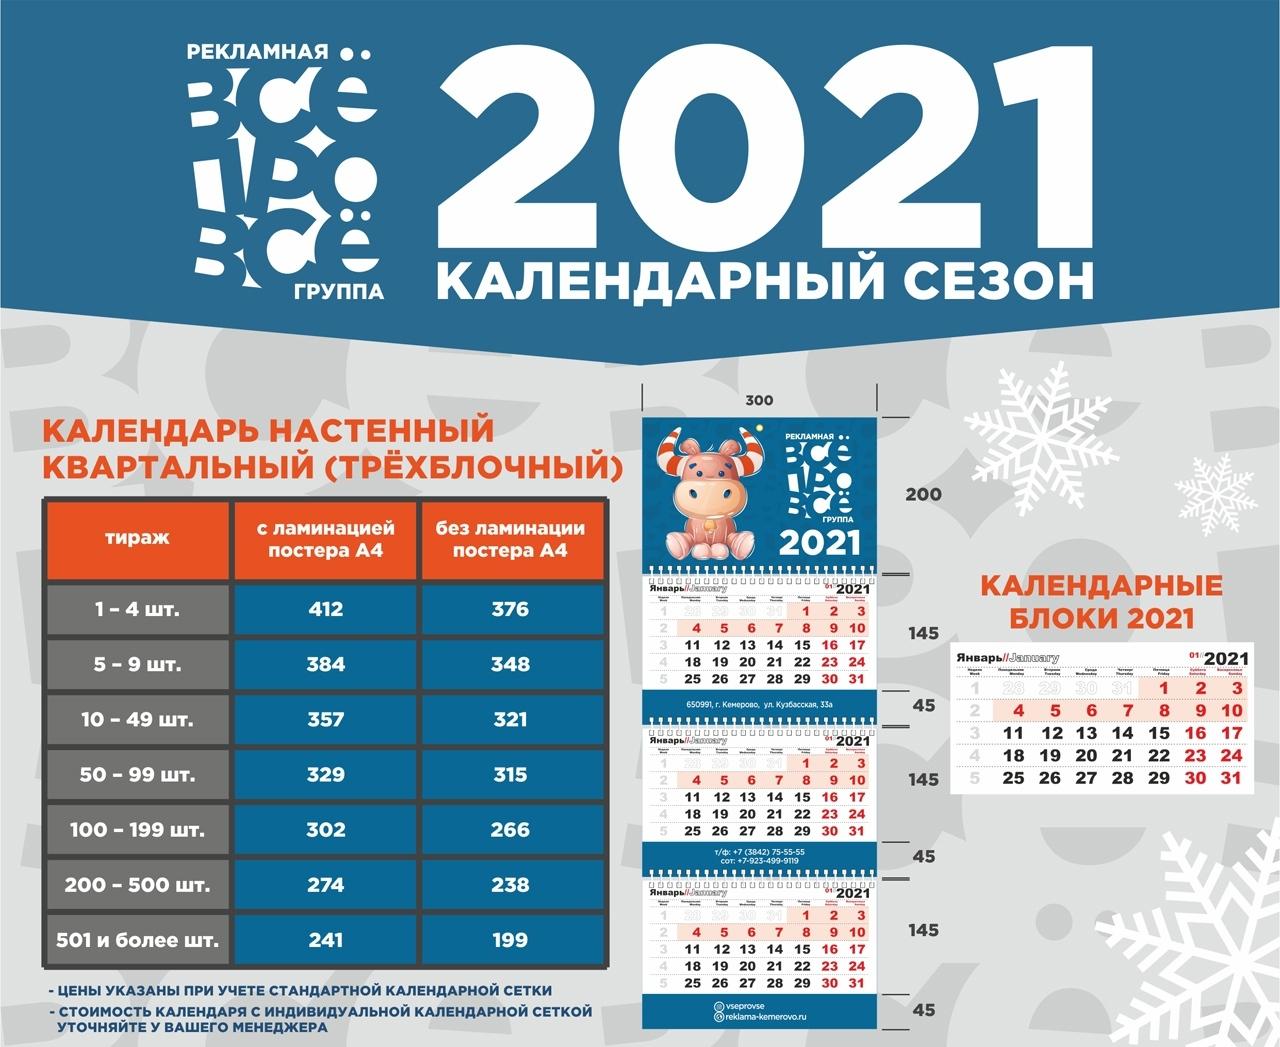 Акция К 2021 Году: Квартальный Календарь За 199 Рублей Сетка Декабря 2021